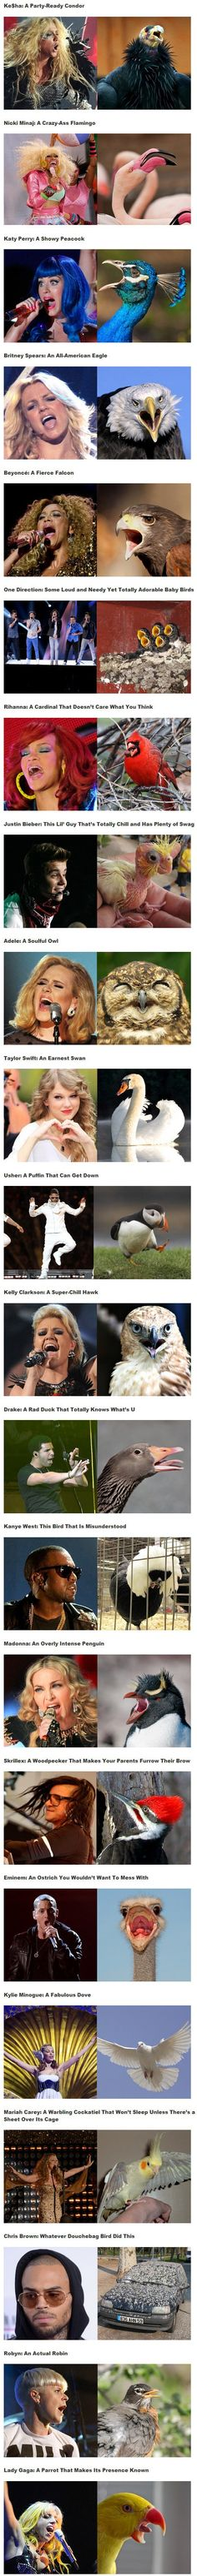 If Music Stars were Birds